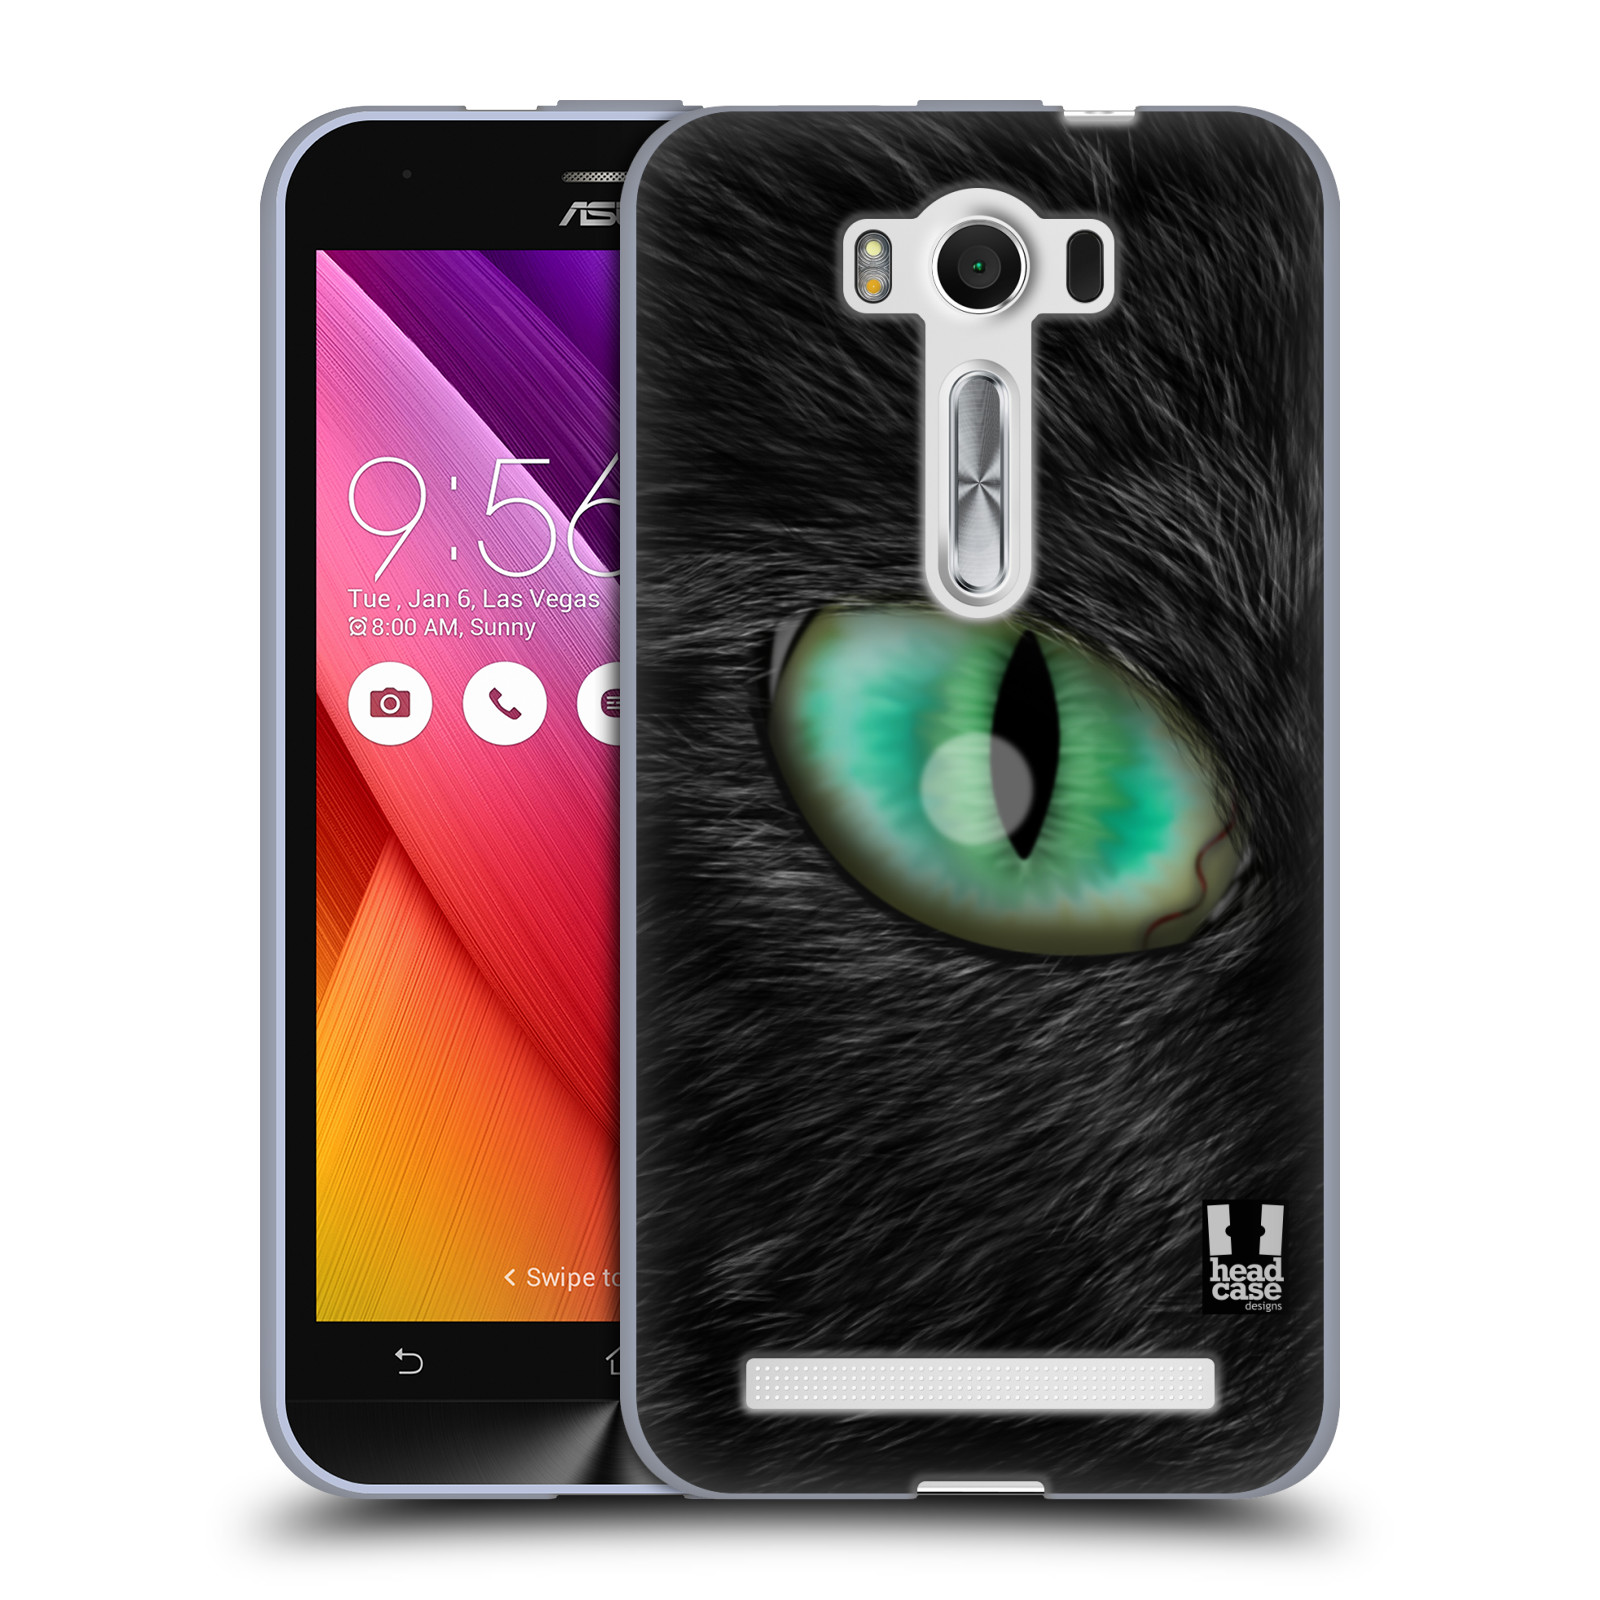 """HEAD CASE silikonový obal na mobil Asus Zenfone 2 LASER (ZE500KL s 5"""" displejem) vzor pohled zvířete oko kočka"""